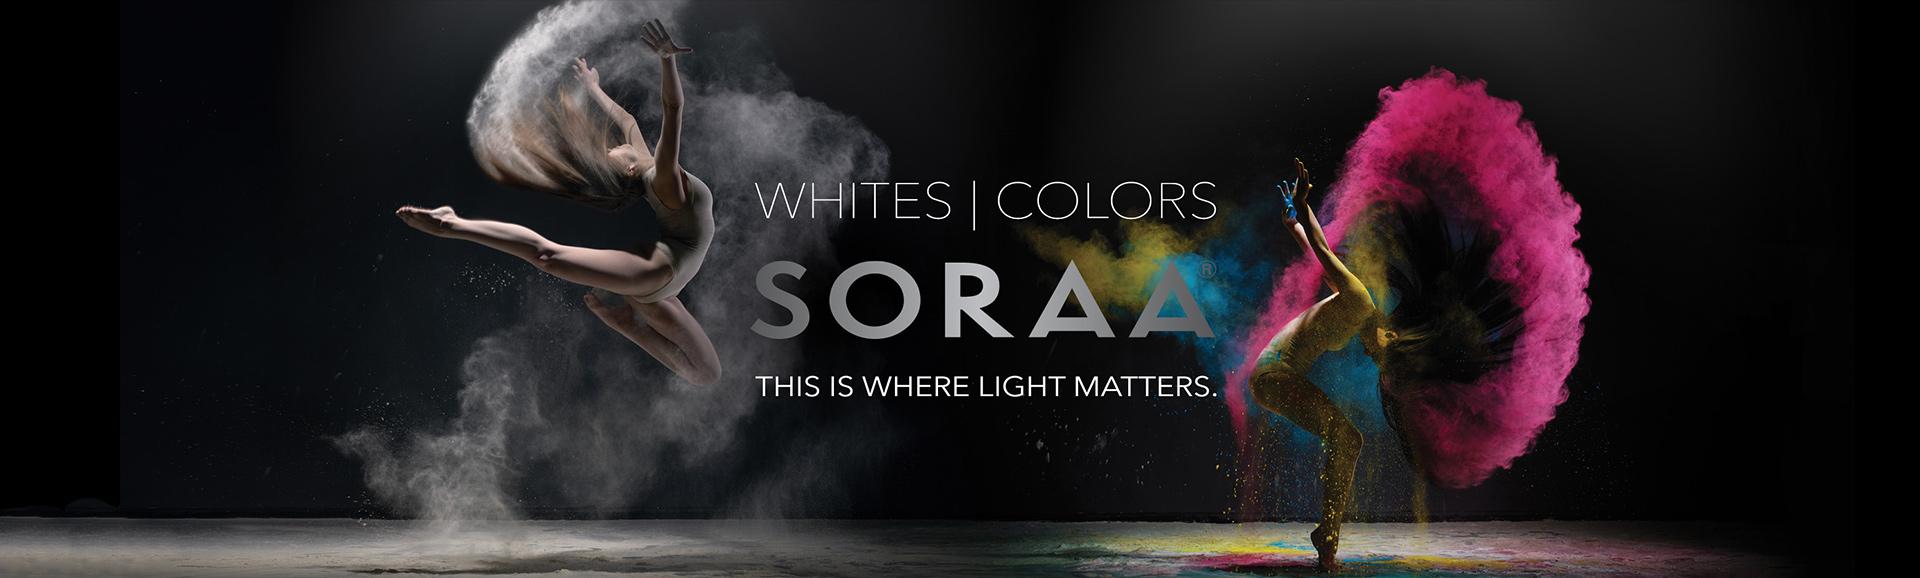 Soraa Branding